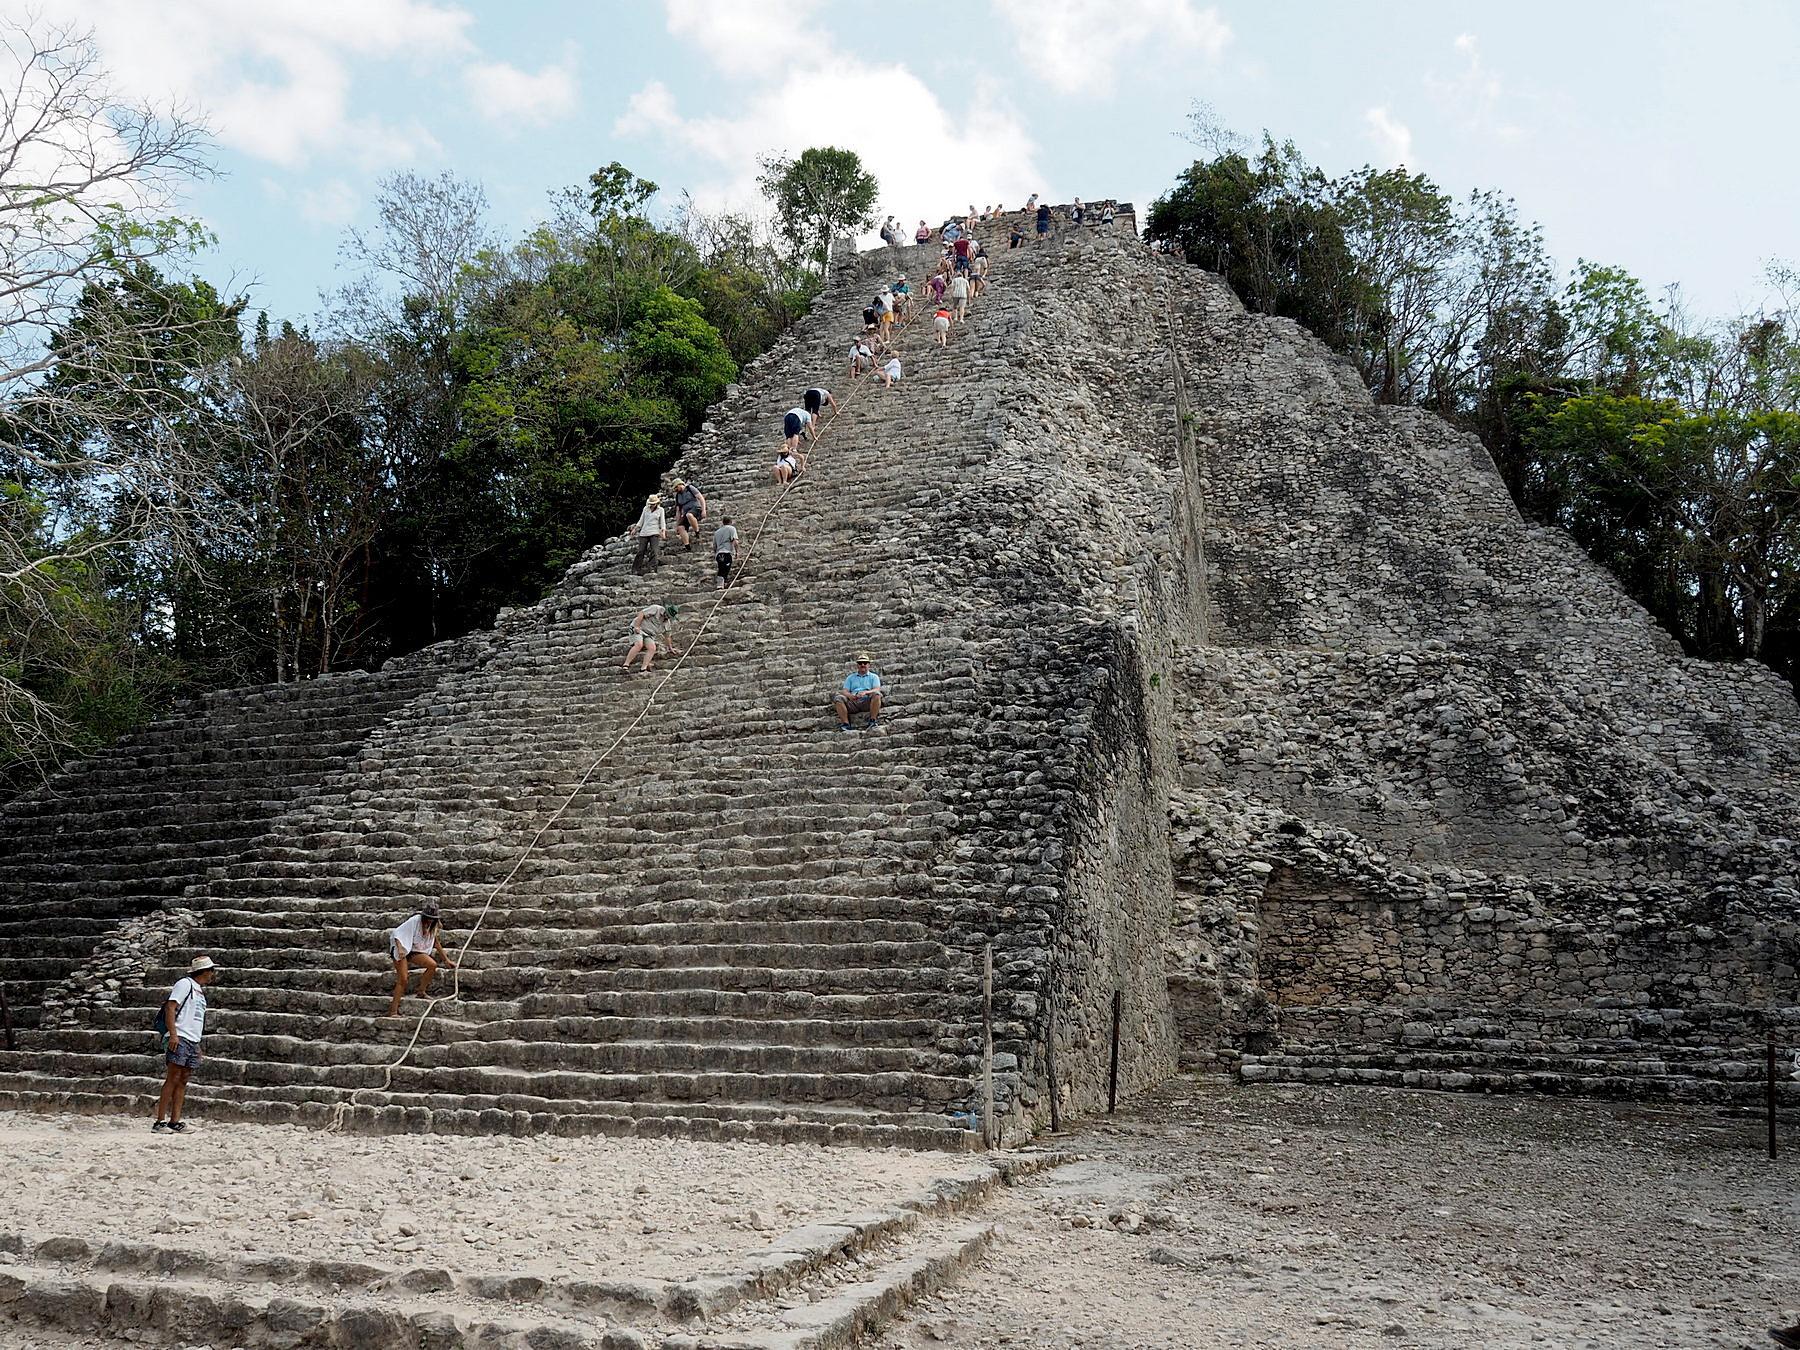 Klettertour auf die Ixmoja Pyramide, 42m hoch und sehr steil